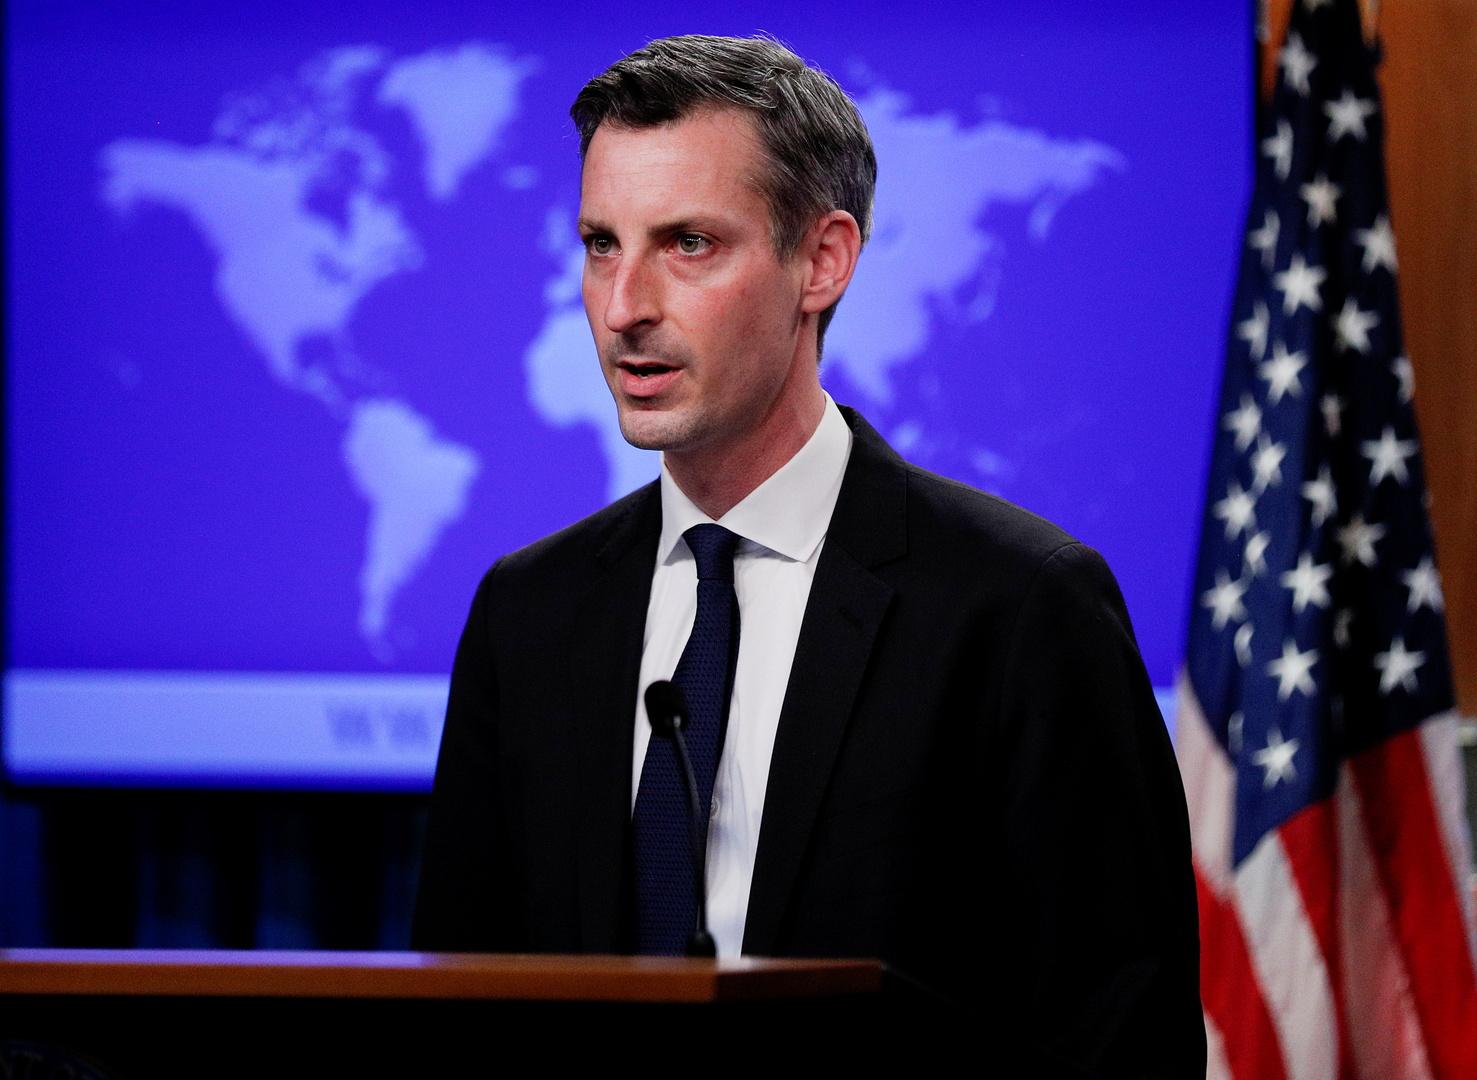 الولايات المتحدة: لم نر أي دليل على انسحاب القوات الإريترية من تيغراي